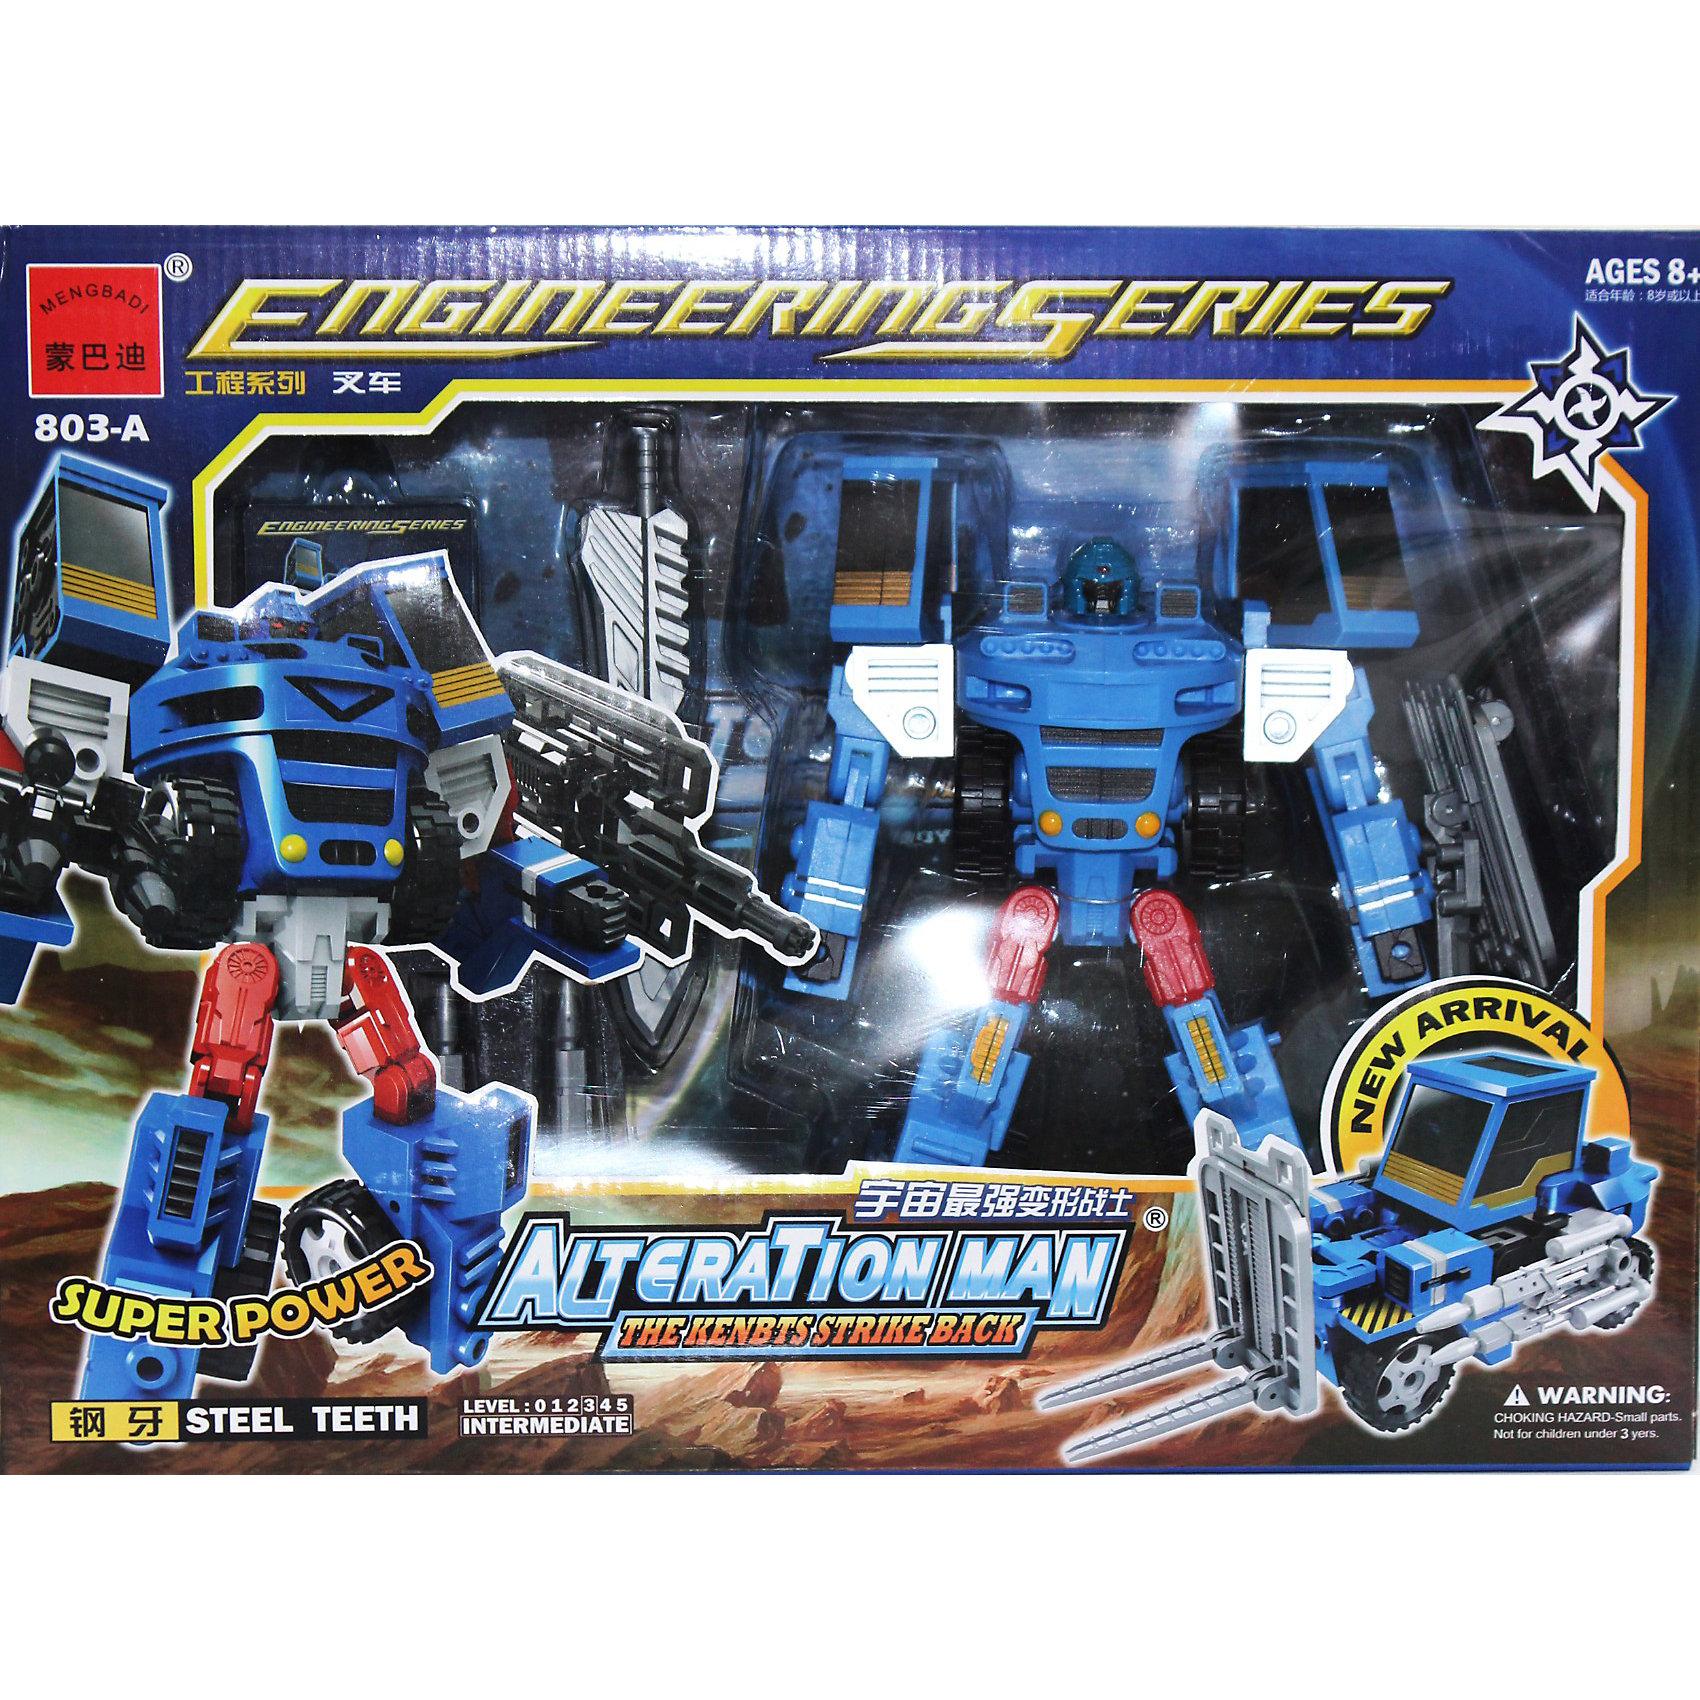 Робот-трансформер: Собирается в Погрузчик с Пушкой XXL, Play LineМашинки<br>Робот-трансформер: собирается в Погрузчик с Пушкой XXL, Play Line (Плей Лайн) – увлекательная игрушка для мальчиков, развивающая фантазию и логическое мышление, ведь это не одна, а две различные игрушки – робот и крутой погрузчик с пушкой. Ваш ребенок сможет придумывать все новые и новые сюжеты для игры.<br><br>Дополнительная информация:<br><br>- Размер упаковки (ДхШхВ): 41х12х30 см<br>- Вес: 450 г<br><br>Робот-трансформер: собирается в Погрузчик с Пушкой XXL, Play Line (Плей Лайн) станет желанным подарком для Вашего ребенка, с которым он почувствует себя главным героем фильма или мультфильма про Трансформеров и надолго увлечет его.<br><br>Игрушку Робот-трансформер: собирается в Погрузчик с Пушкой XXL, Play Line (Плей Лайн) можно купить в нашем магазине.<br><br>Ширина мм: 120<br>Глубина мм: 300<br>Высота мм: 410<br>Вес г: 450<br>Возраст от месяцев: 36<br>Возраст до месяцев: 144<br>Пол: Мужской<br>Возраст: Детский<br>SKU: 3539027